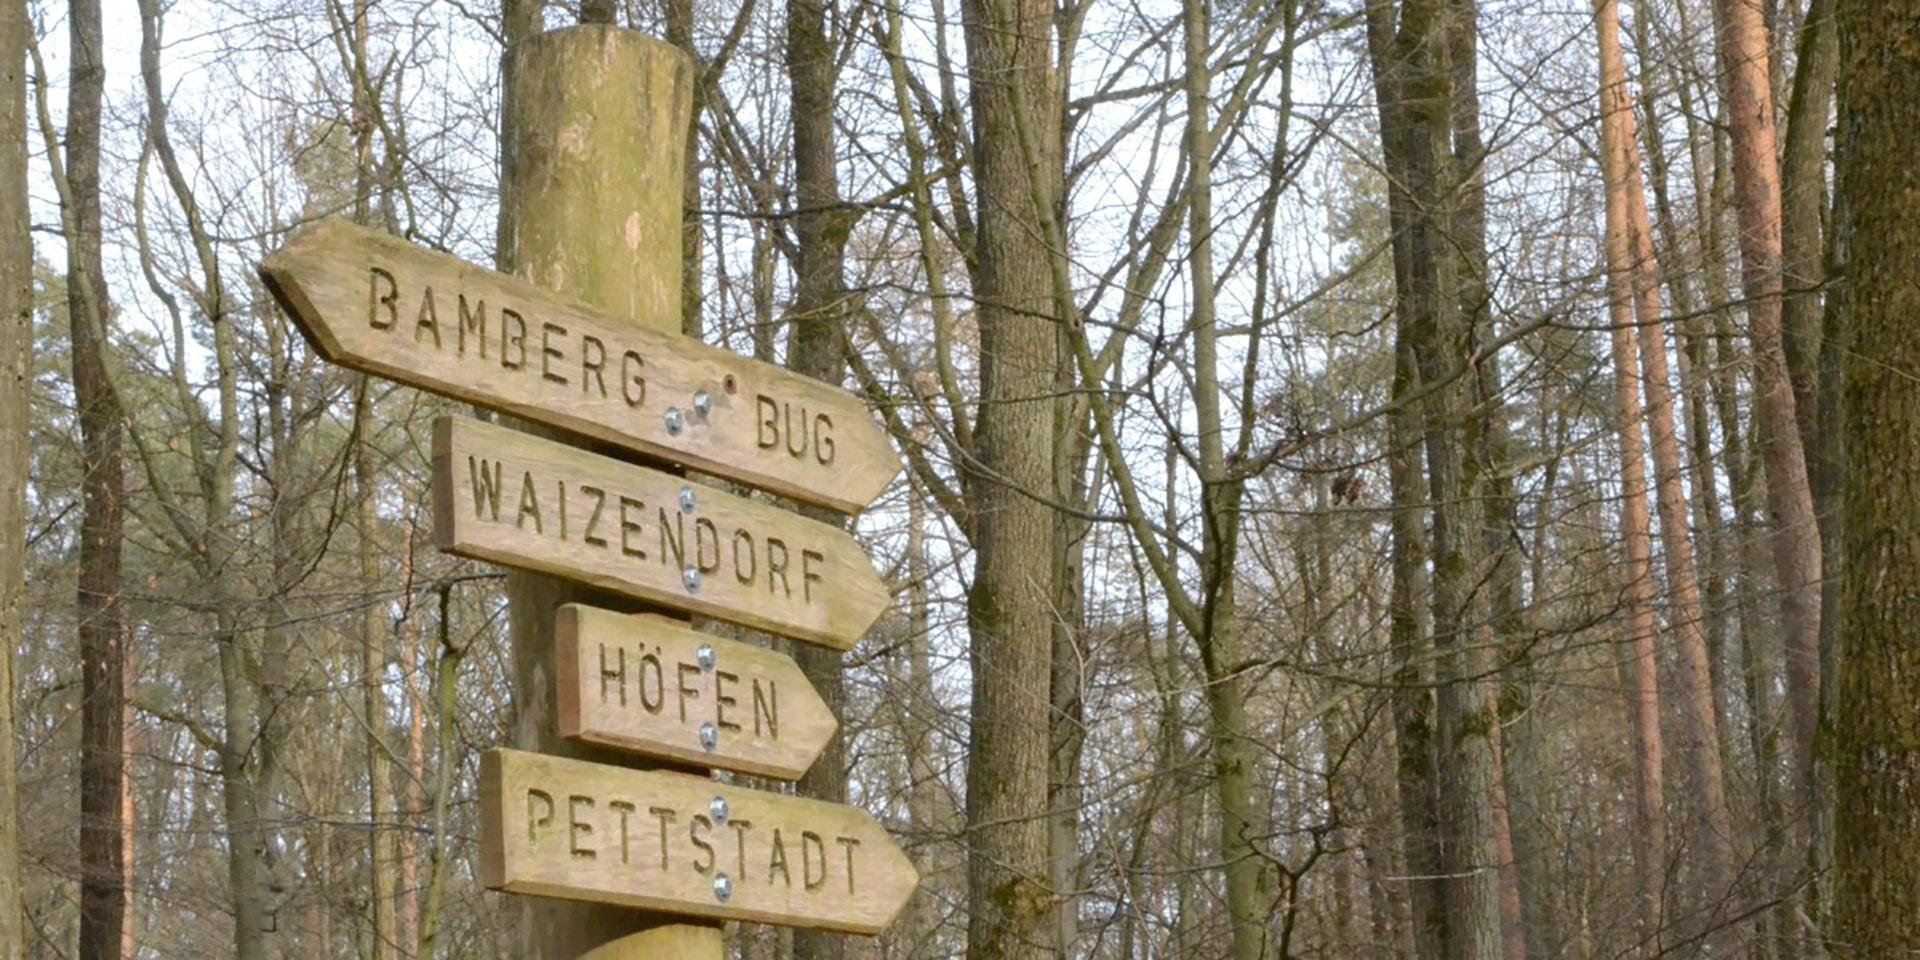 bruderwald bamberg - Bruderwald